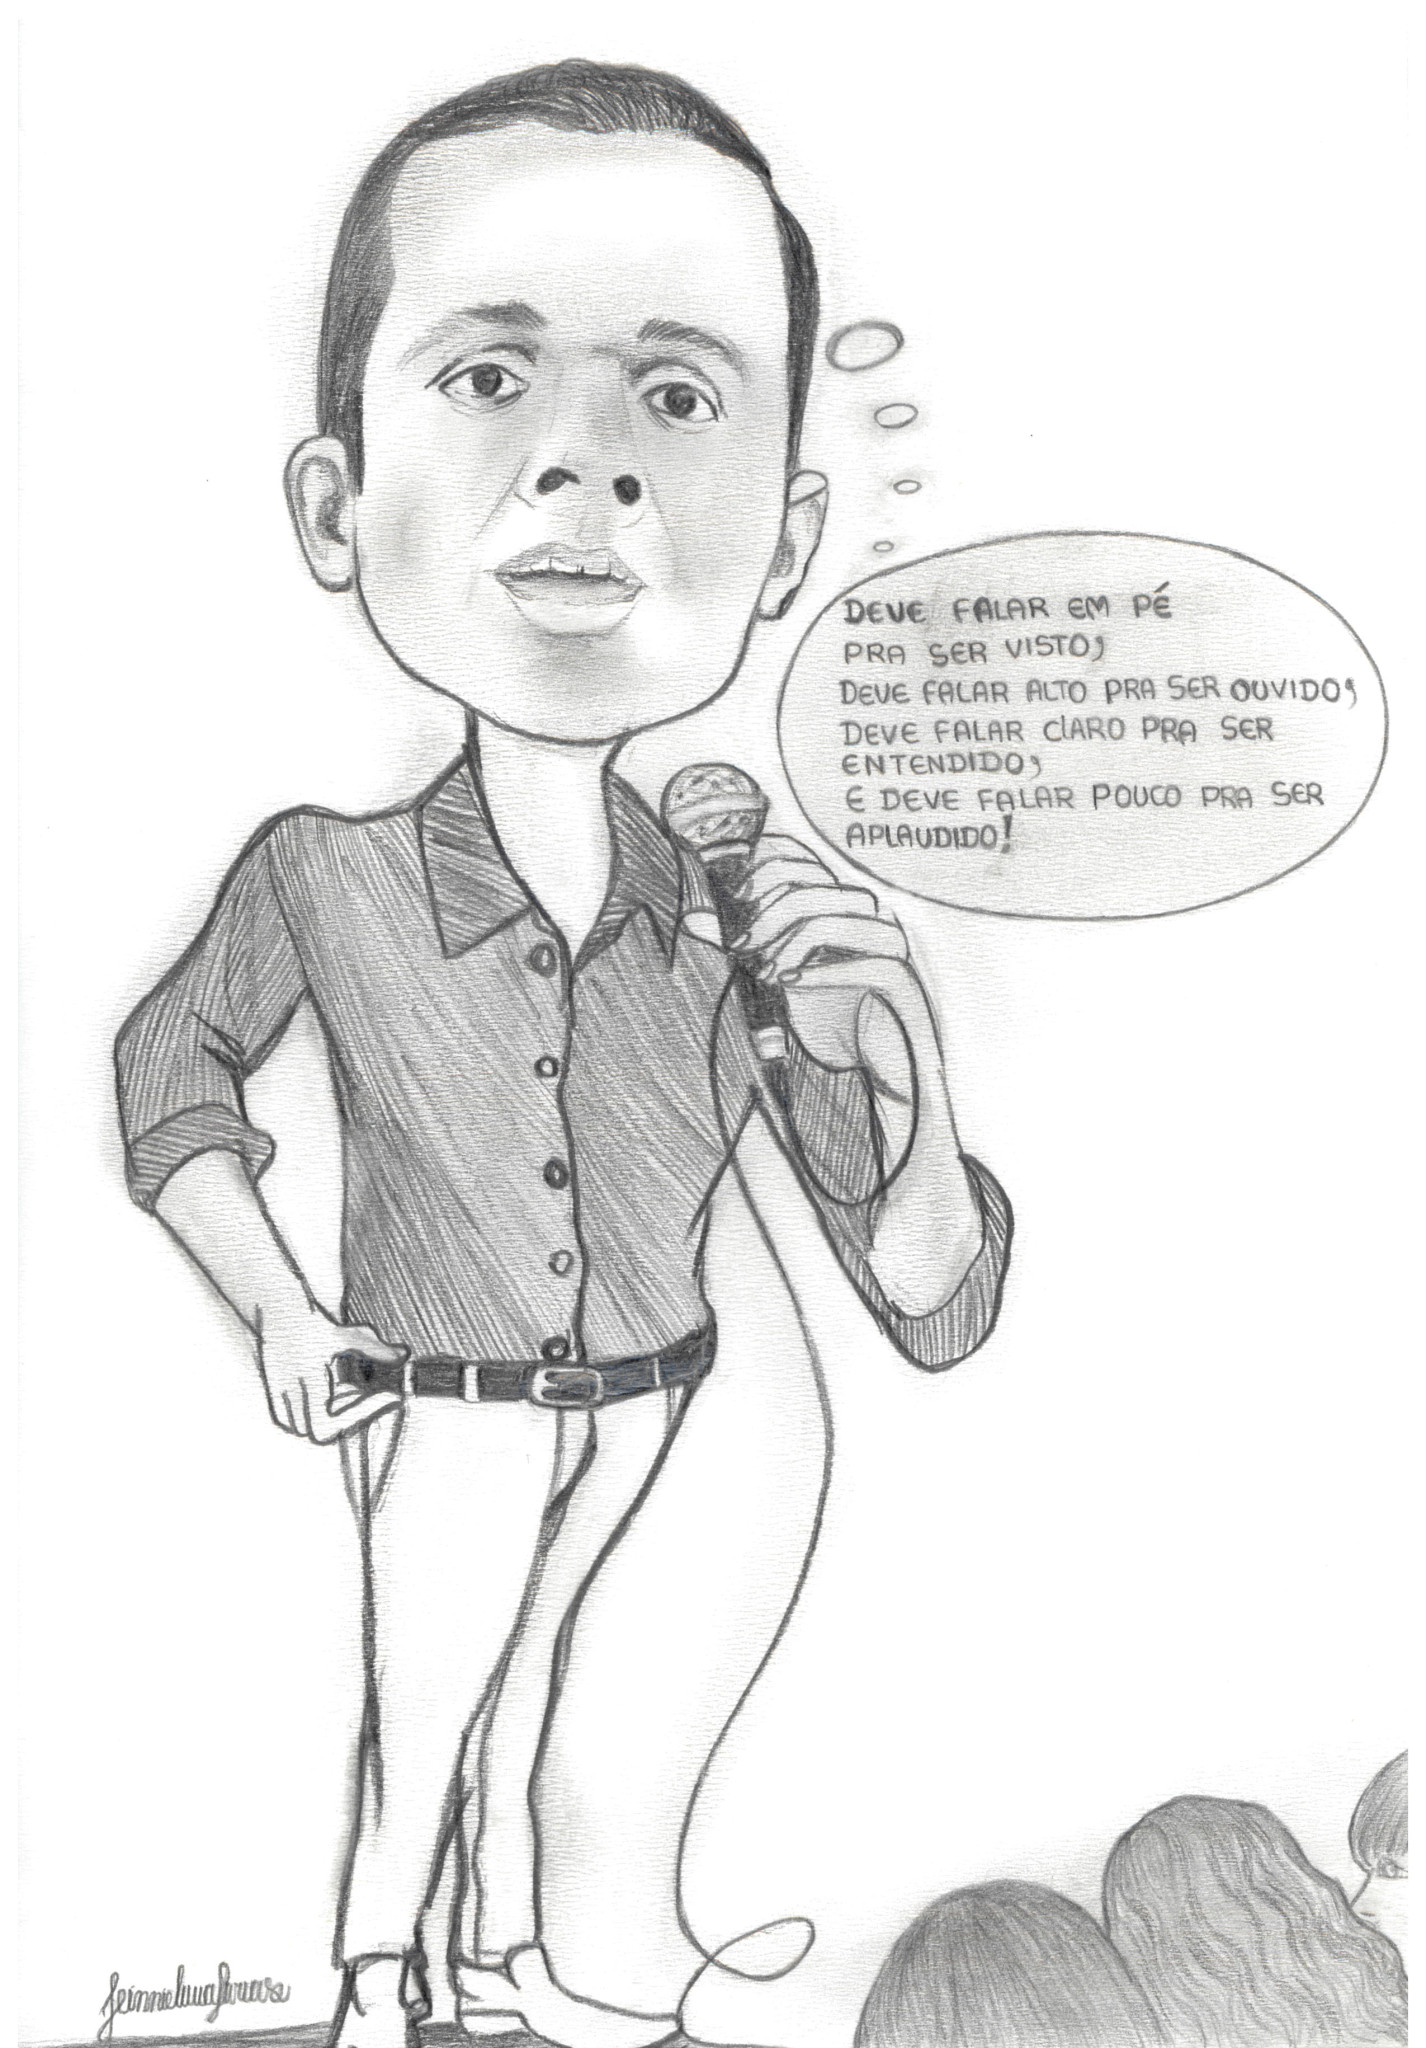 Caricatura recebida como homenagem durante o PPA 2011